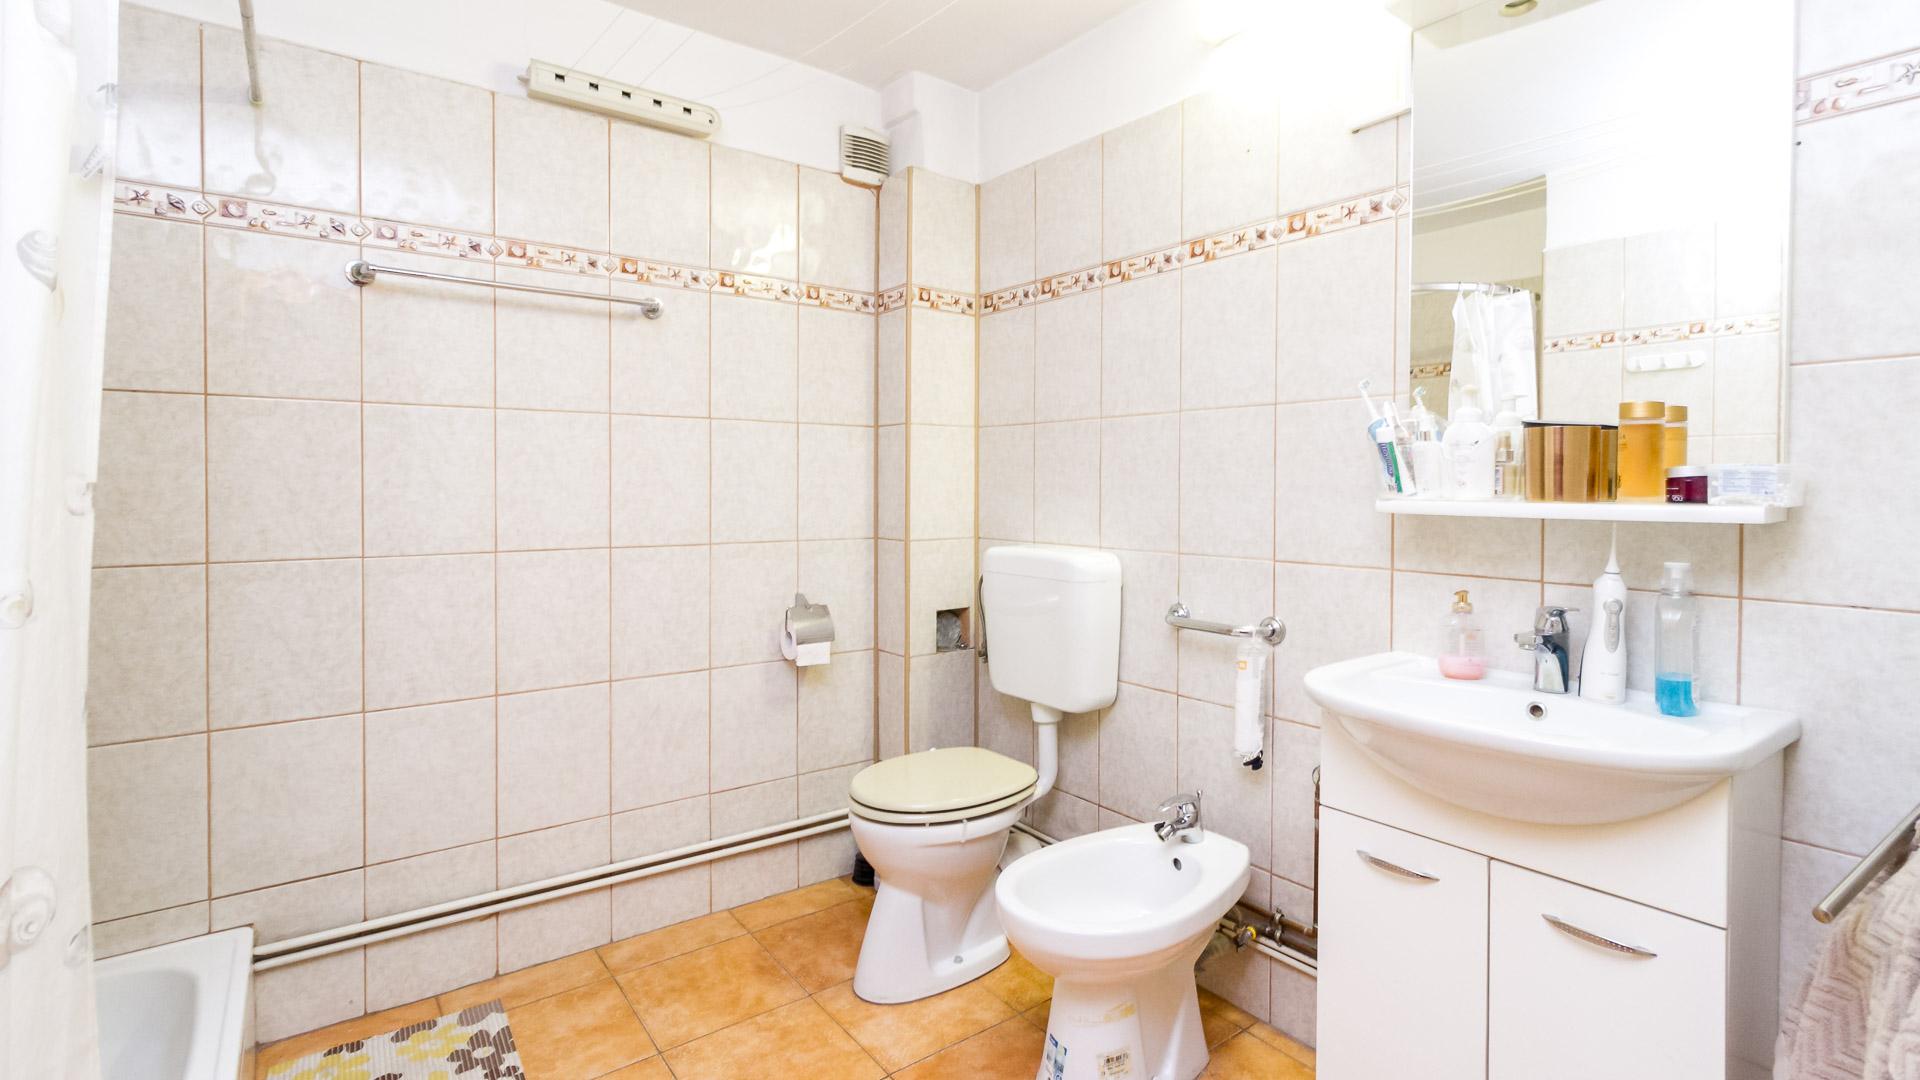 baie-dormitor-apartament-3-camere-mansarda-vila